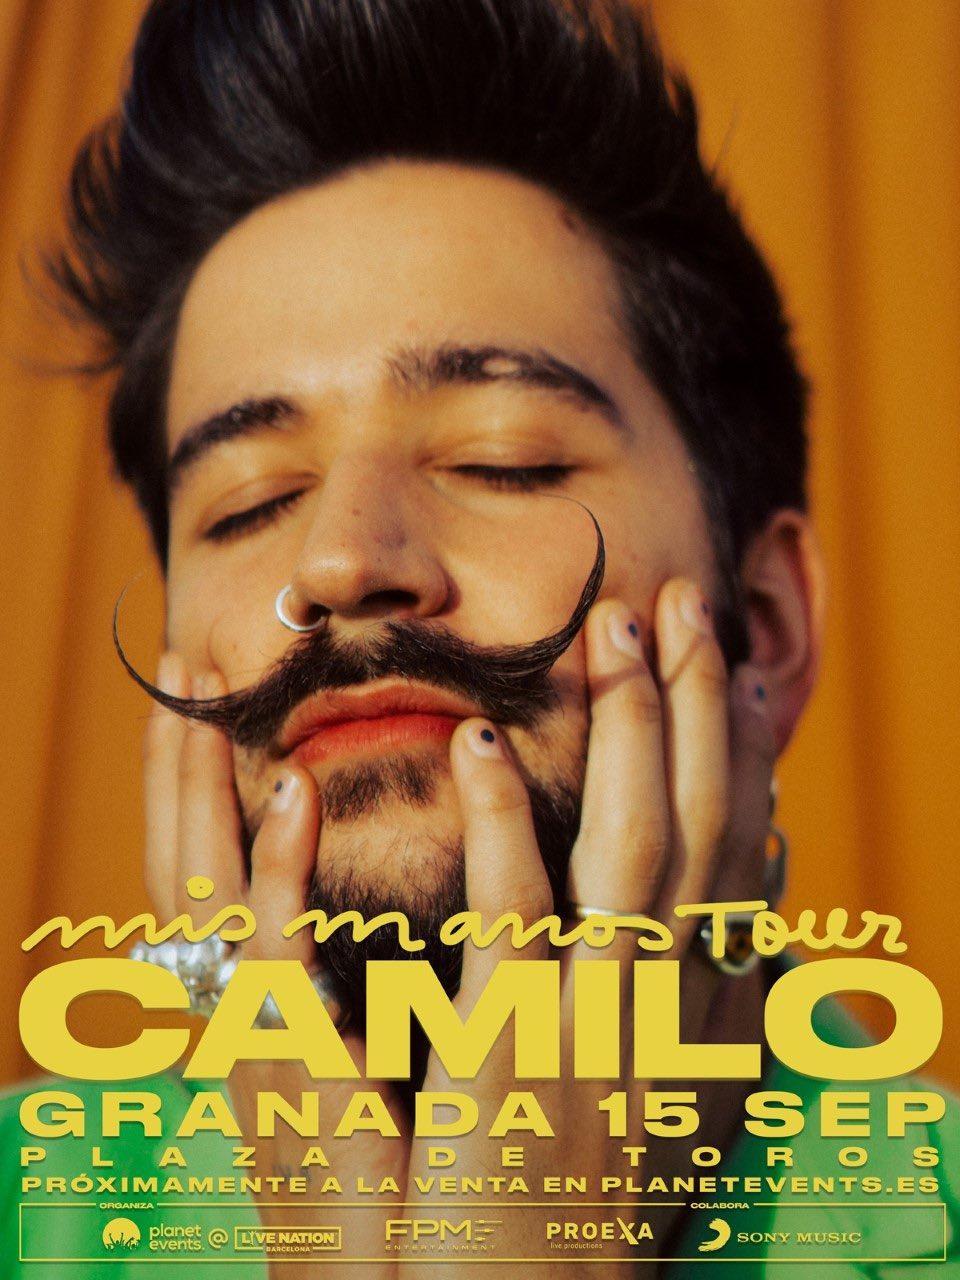 Concierto de Camilo en la Plaza de Toros de Granada, 'Mis Manos tour'